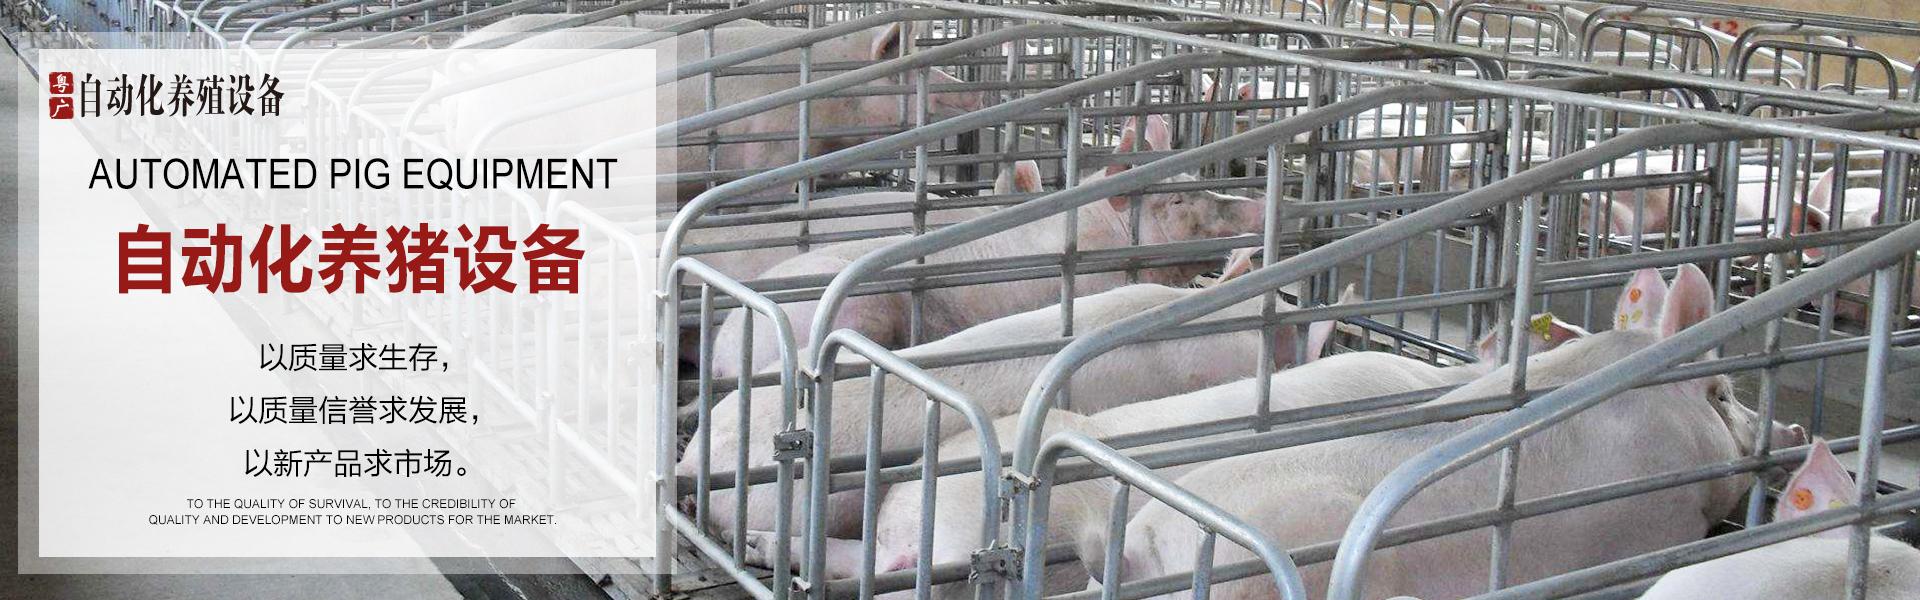 肇庆市粤广自动化养殖设备有限公司主要经营蛋鸡设备,是一家专业以开放、制造、贸易为一体并有多年农业机械制造经验的专业化公司。